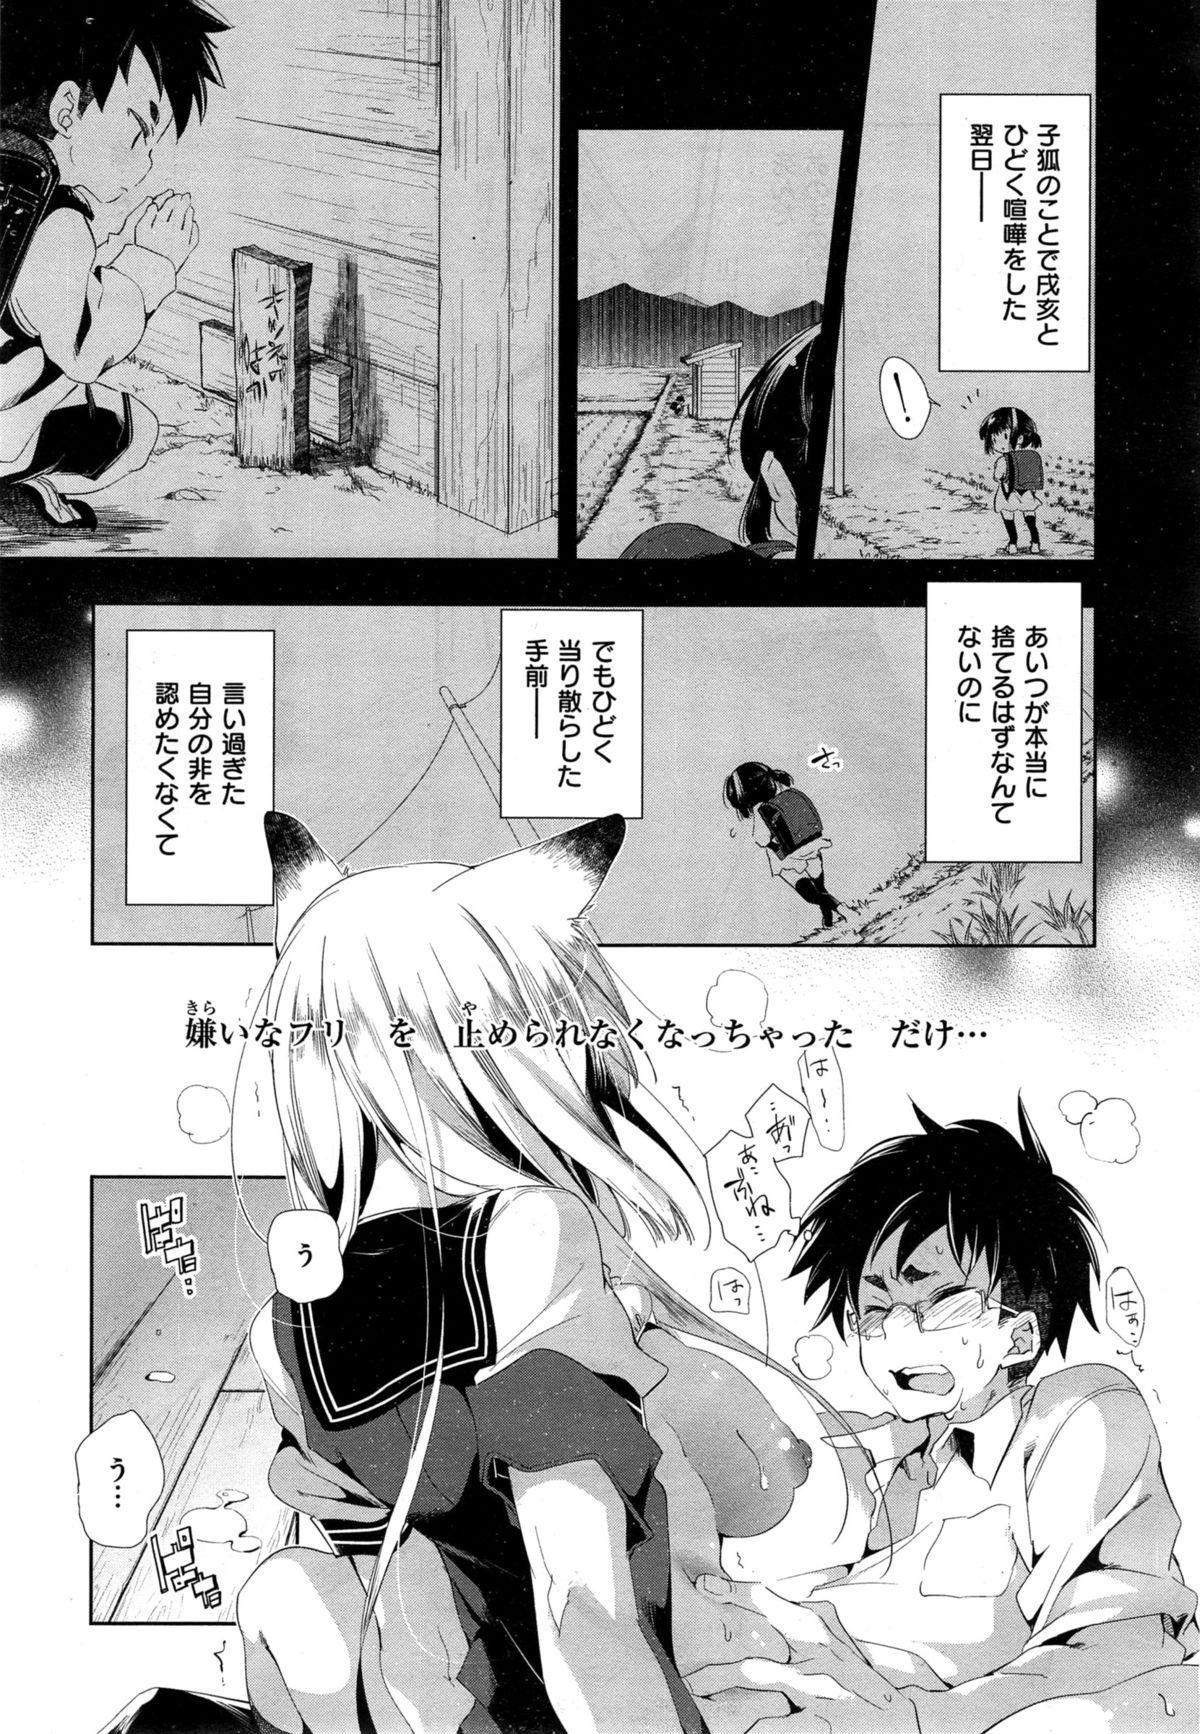 Kitsune no Yomeiri 20